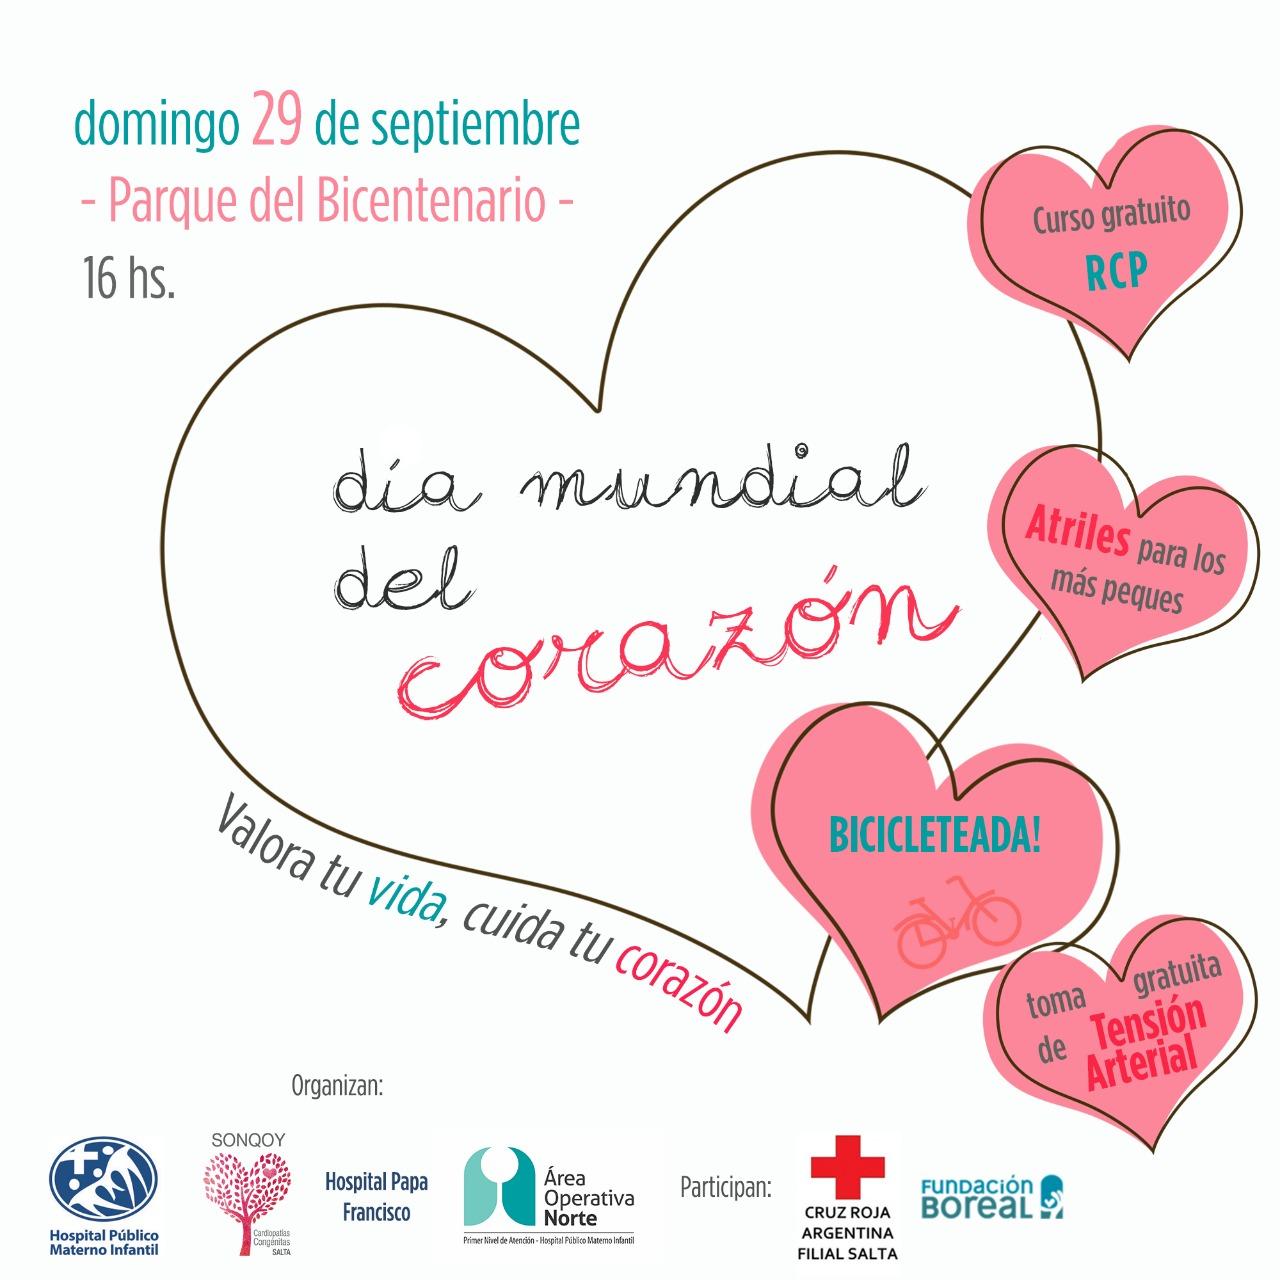 Diferentes actividades para conmemorar el Día Mundial del Corazón